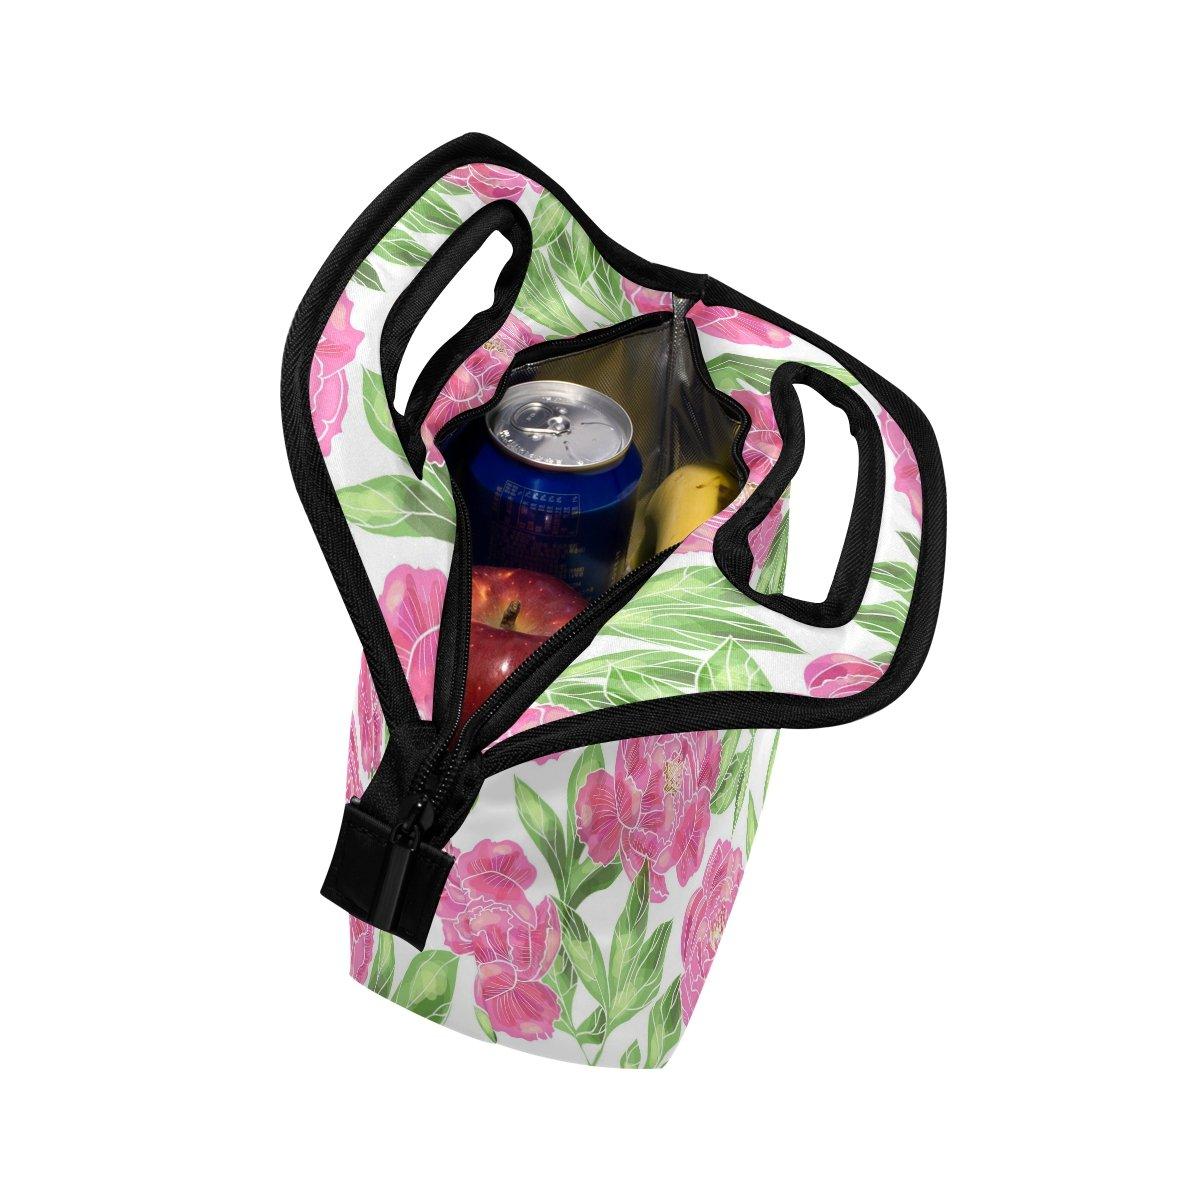 Ahomy Roses - Bolsa de almuerzo para picnic o escuela, con cremallera, elegante bolso para mujeres y niños: Amazon.es: Hogar